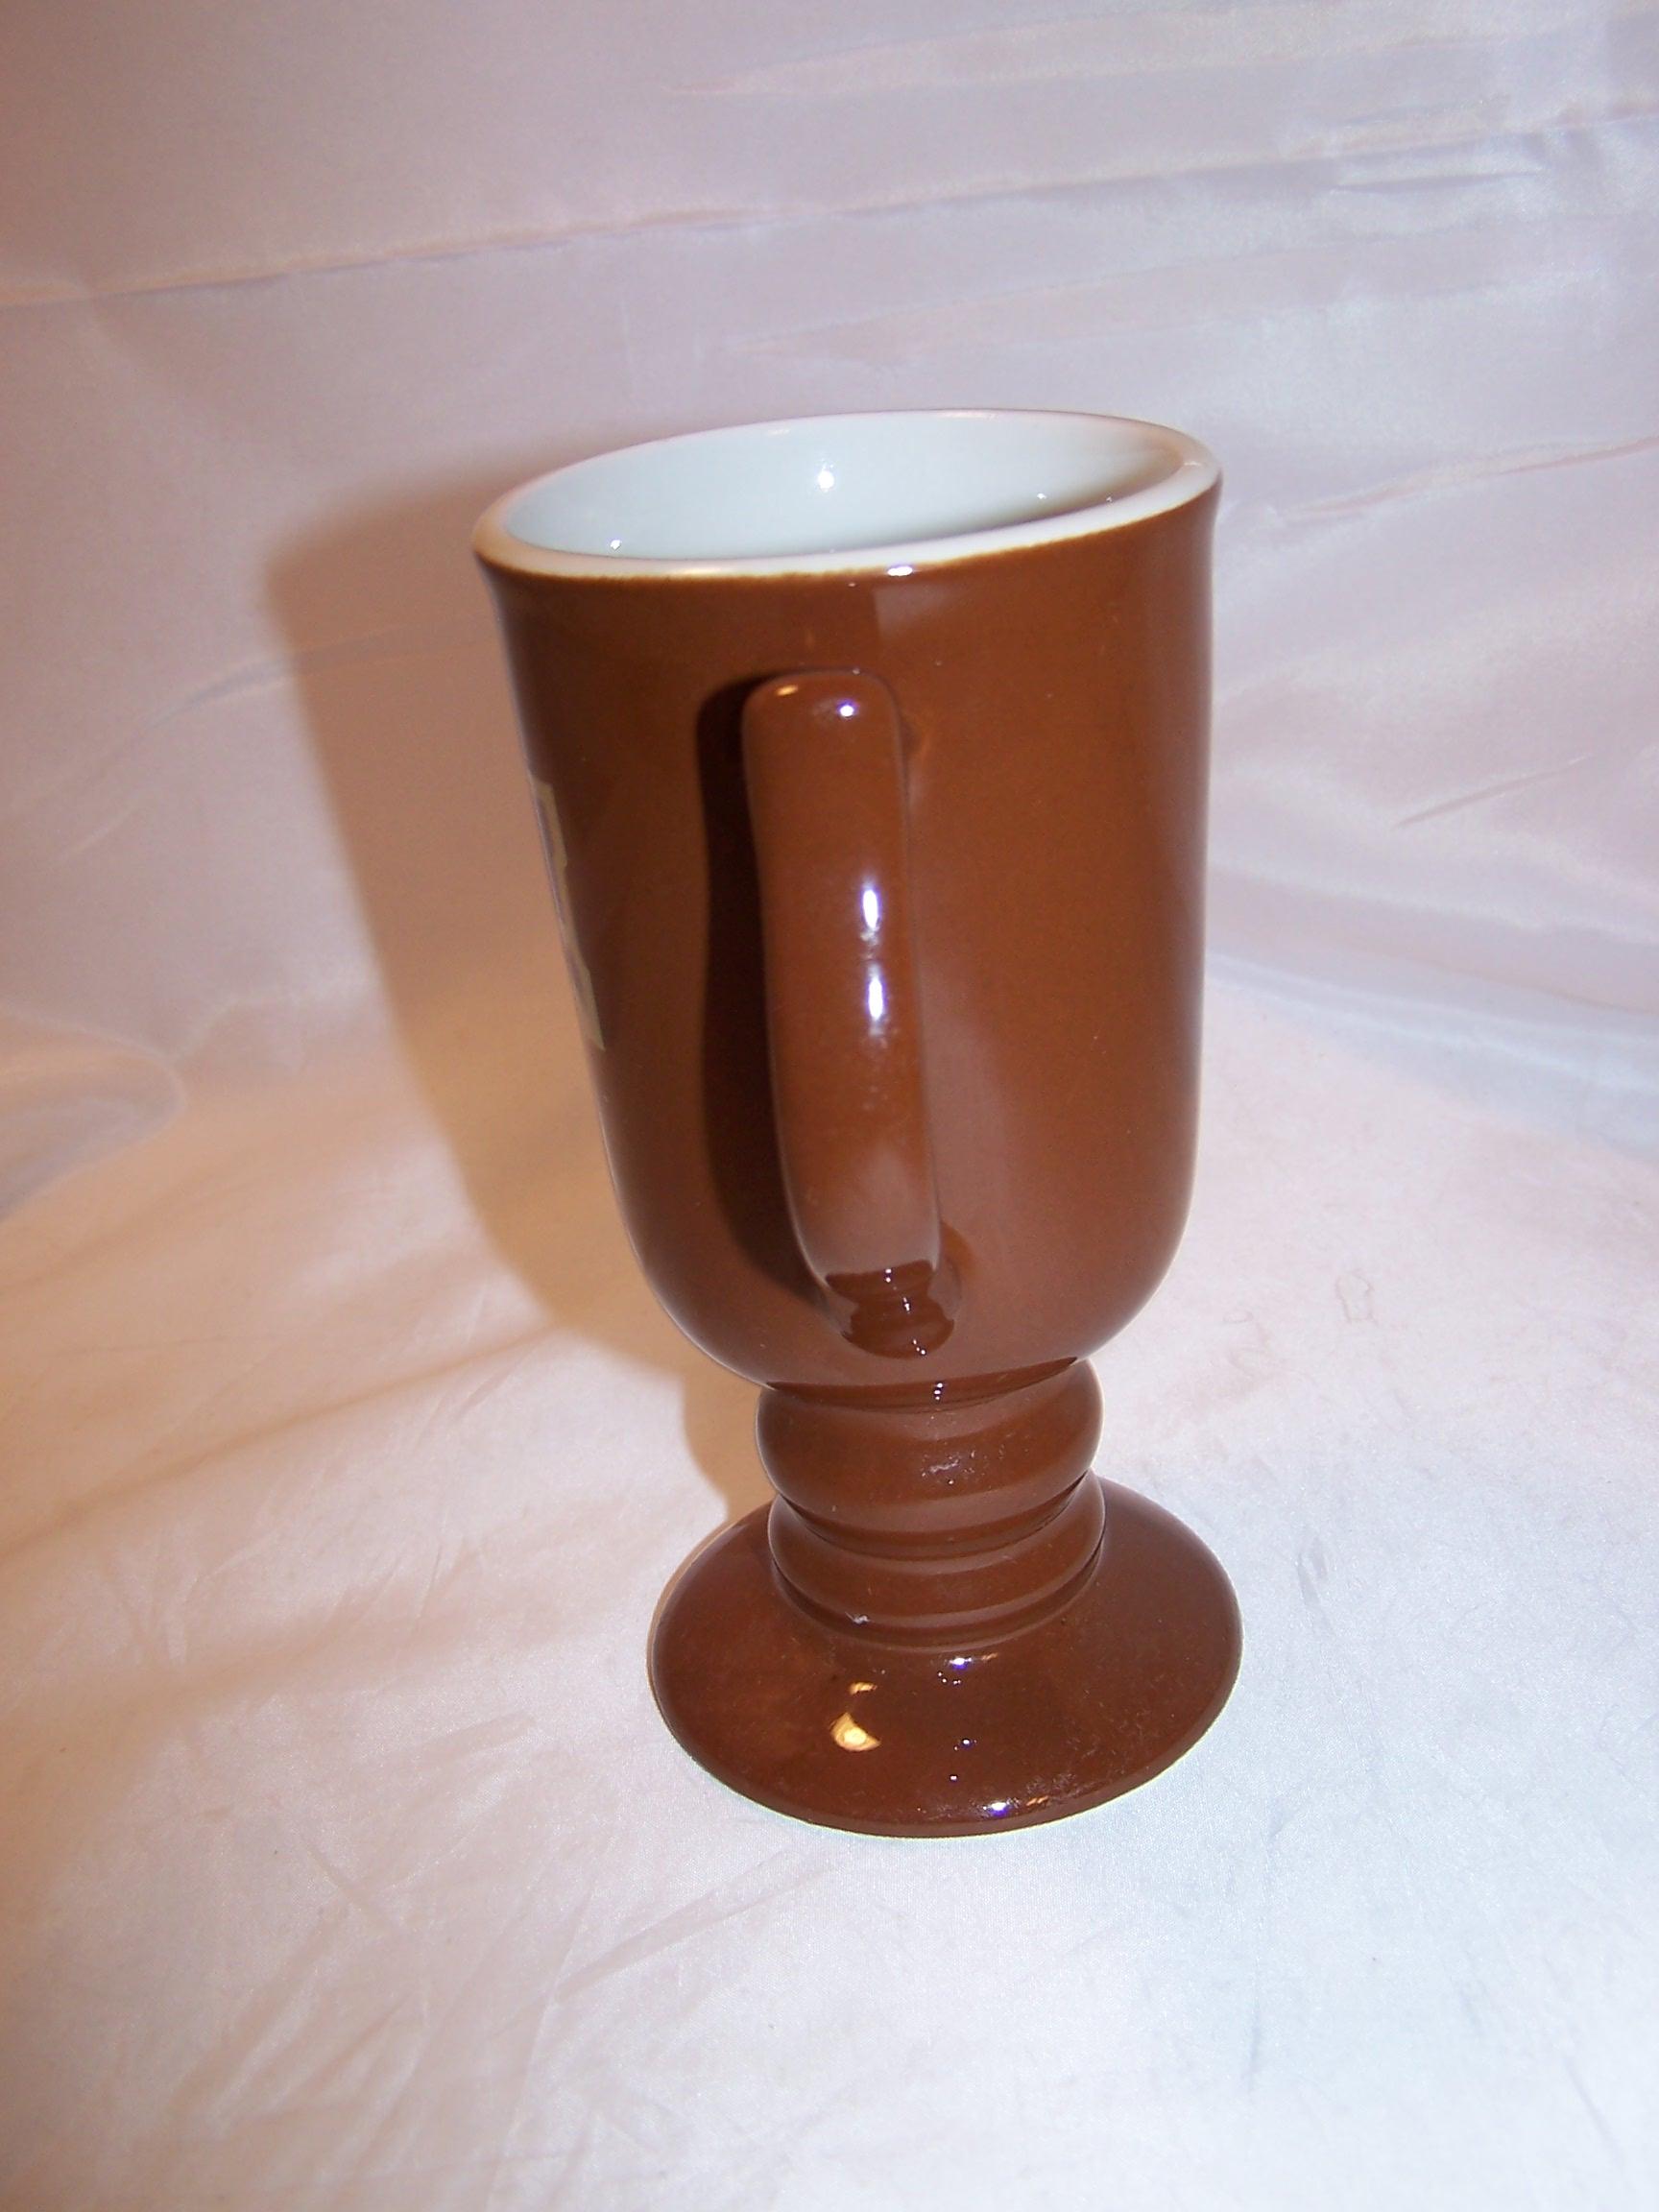 Image 1 of Art Modell Mug, The Pewter Mug